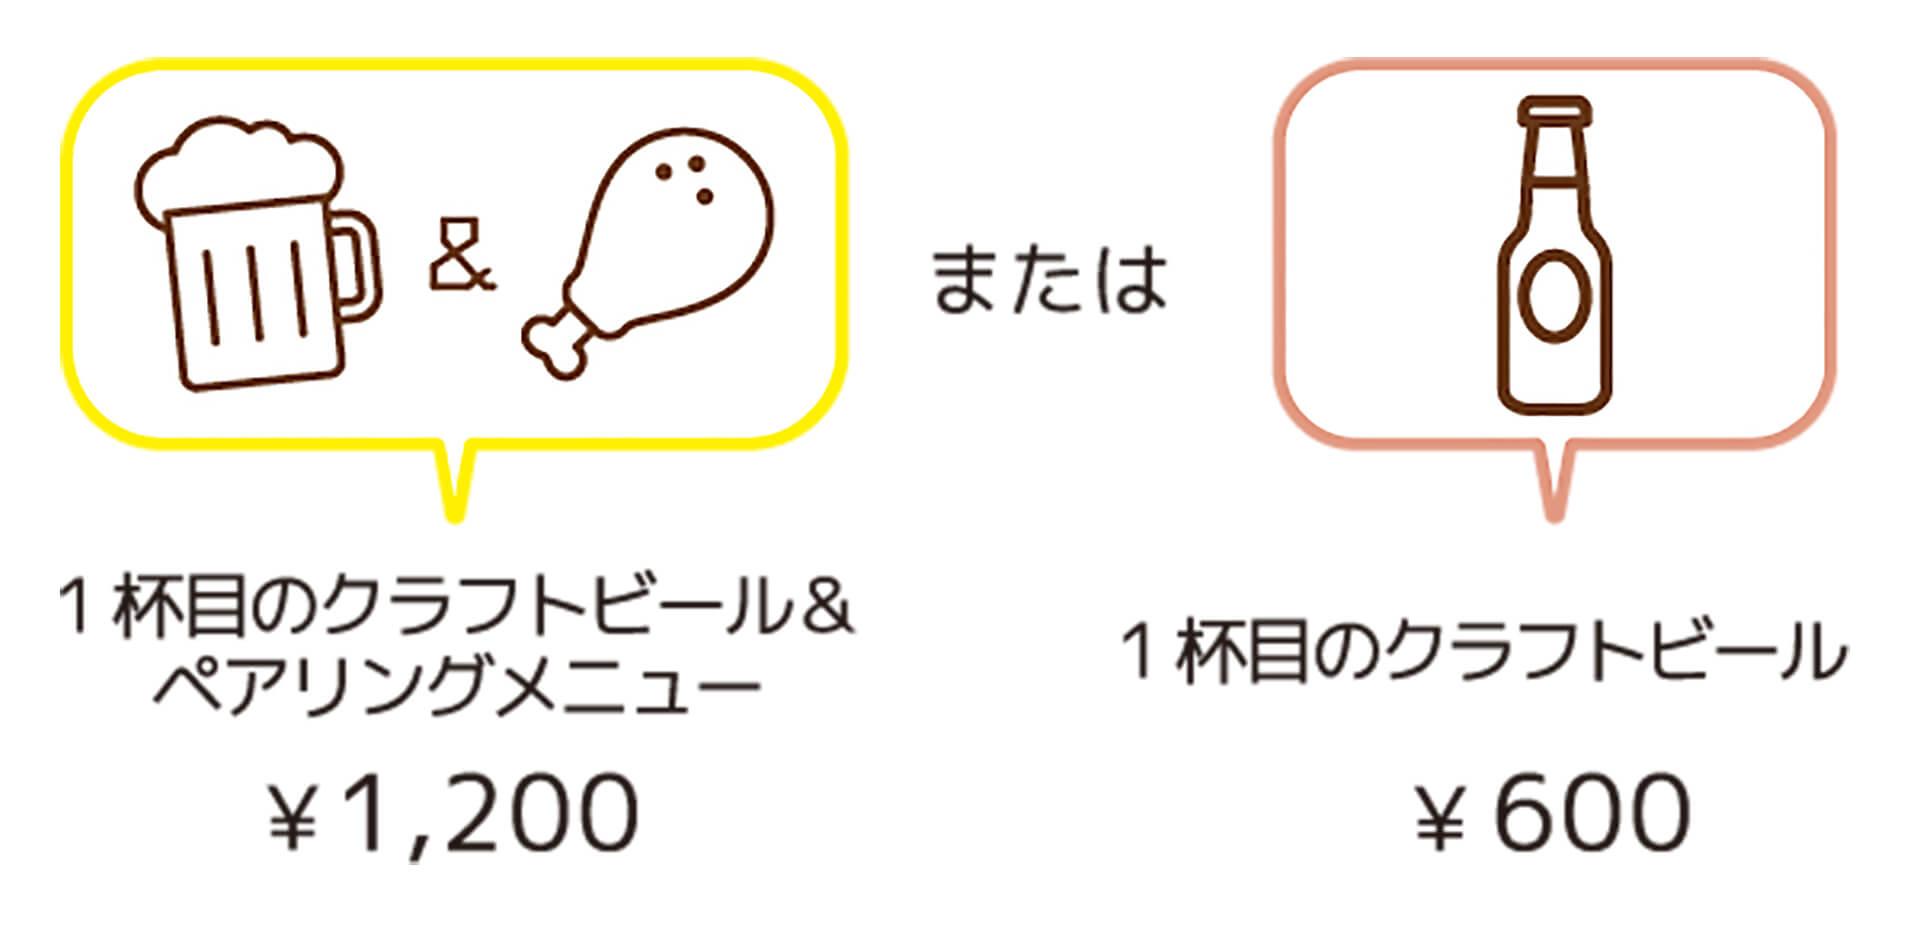 この写真は「ばるばる下北沢 クラフトビールとはしご酒 みんな呑み友」の利用料金を文字とイラストで紹介。